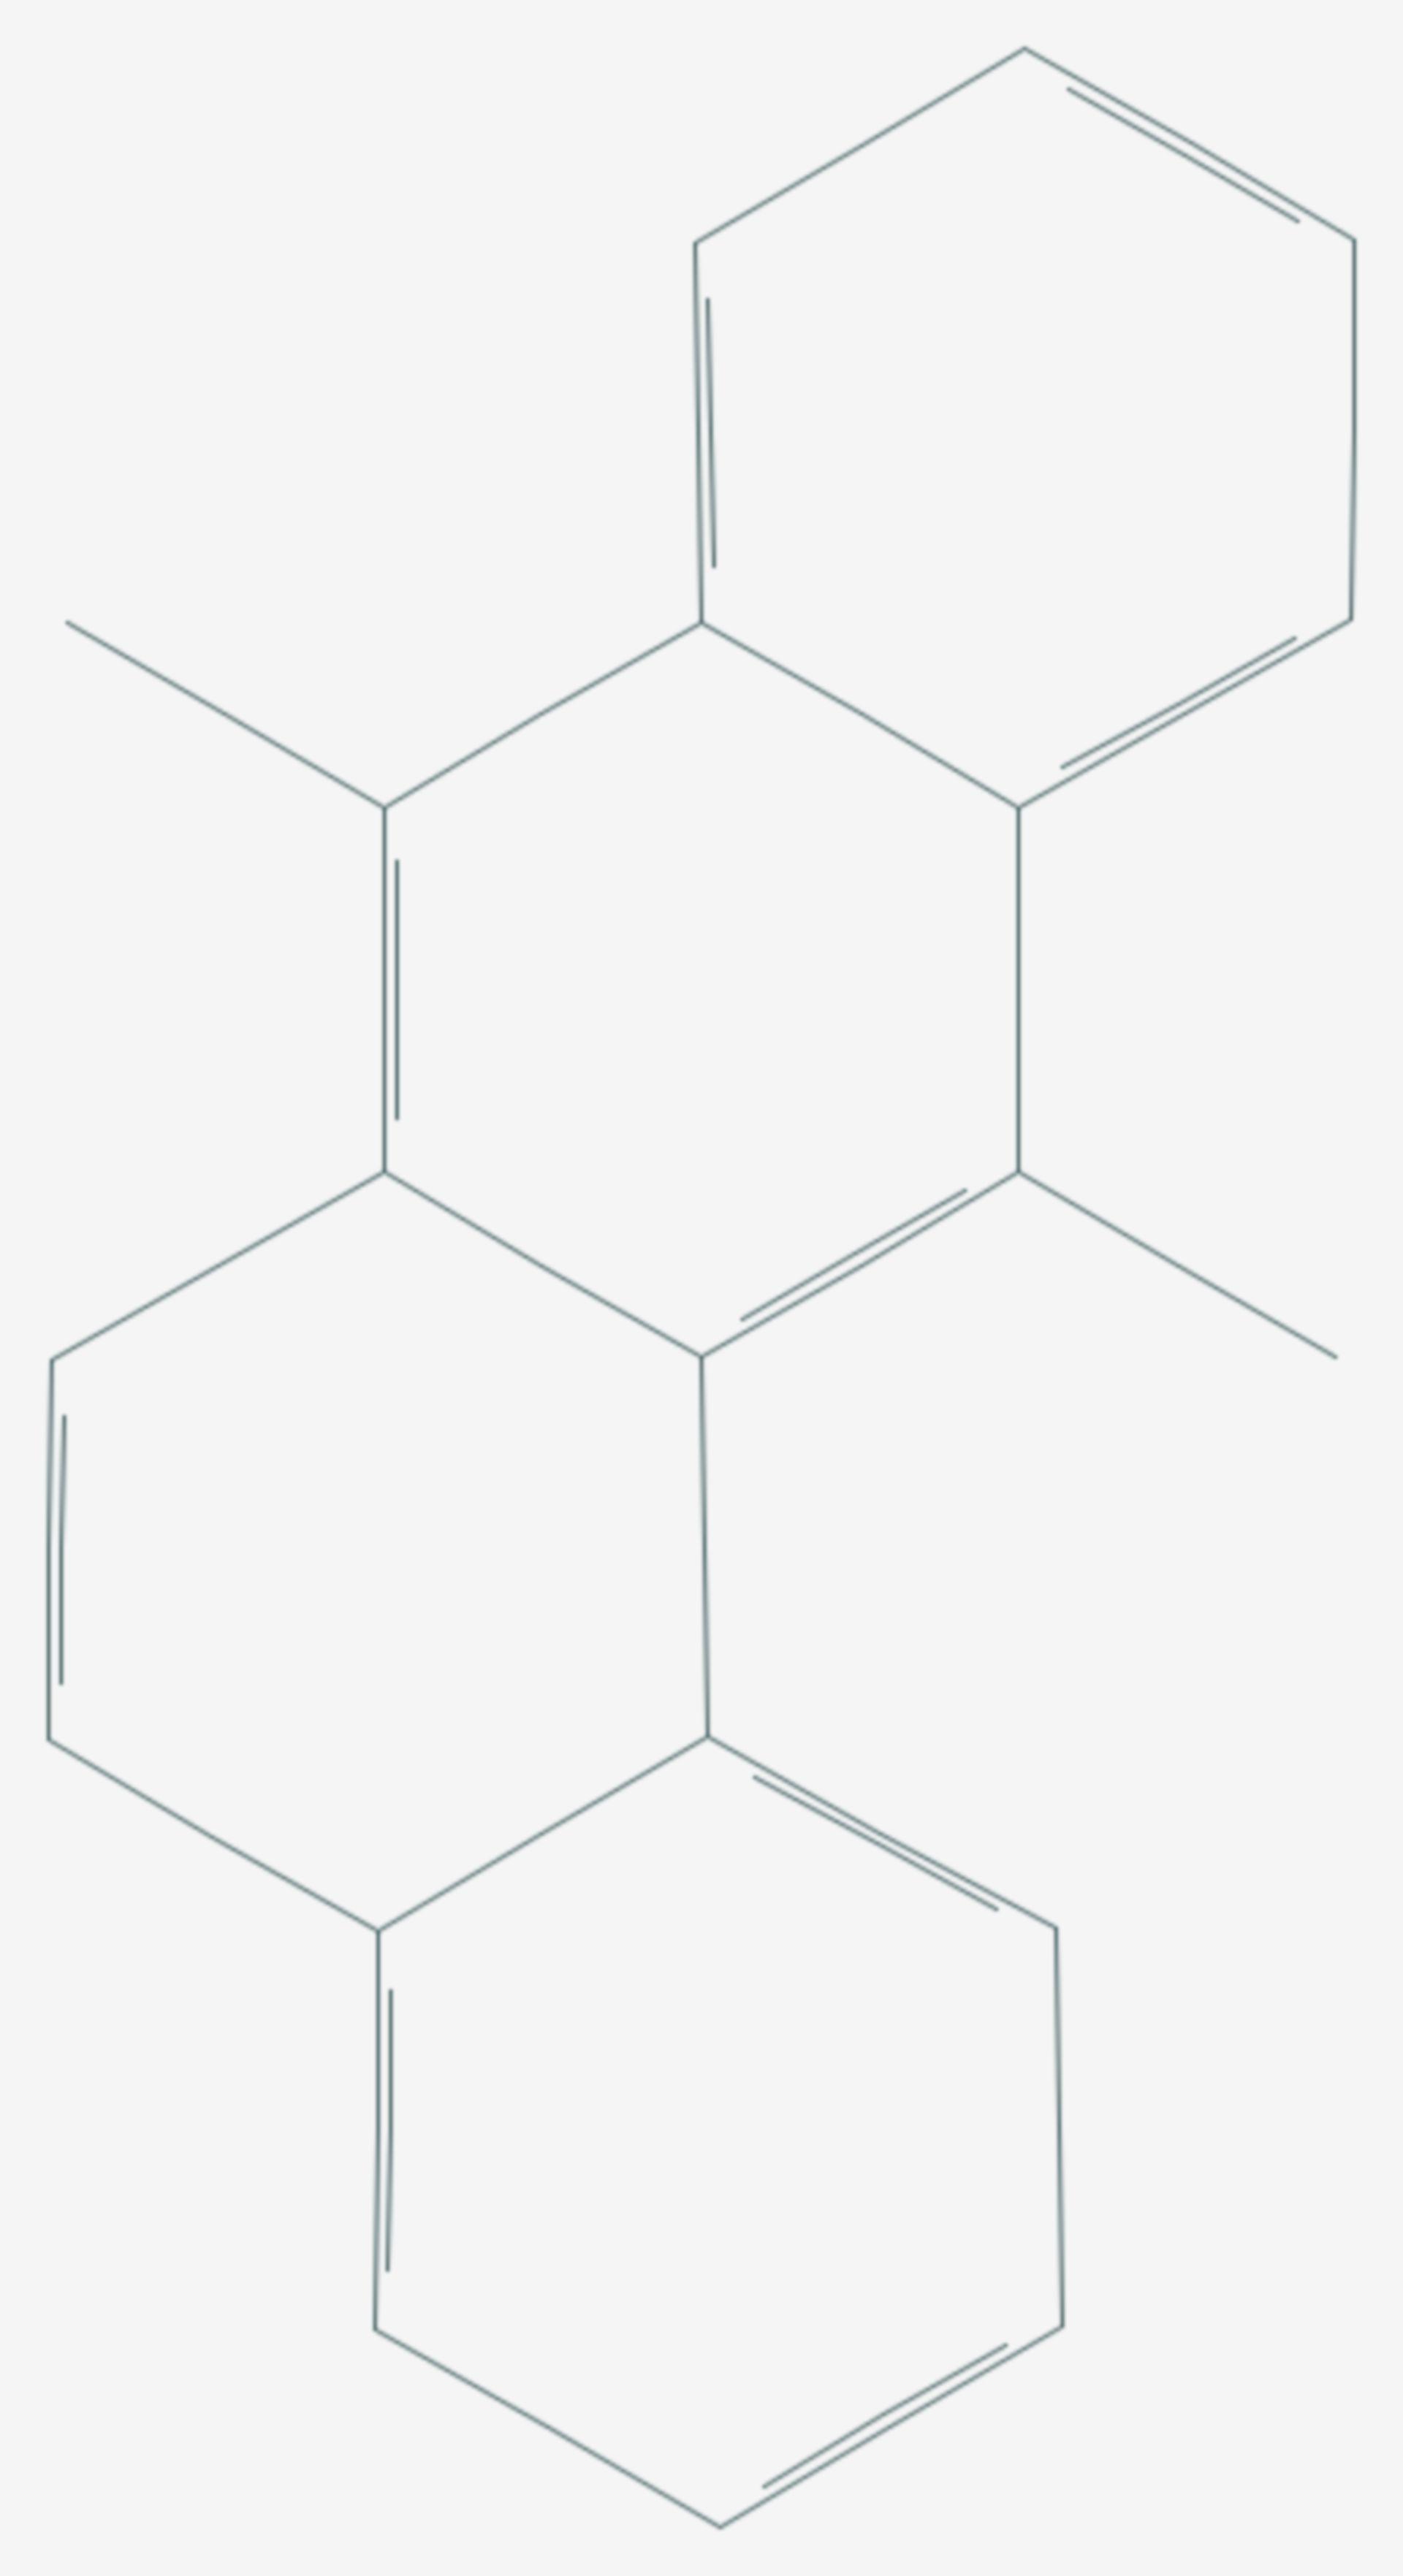 7,12-Dimethylbenzo(a)anthracen (Strukturformel)